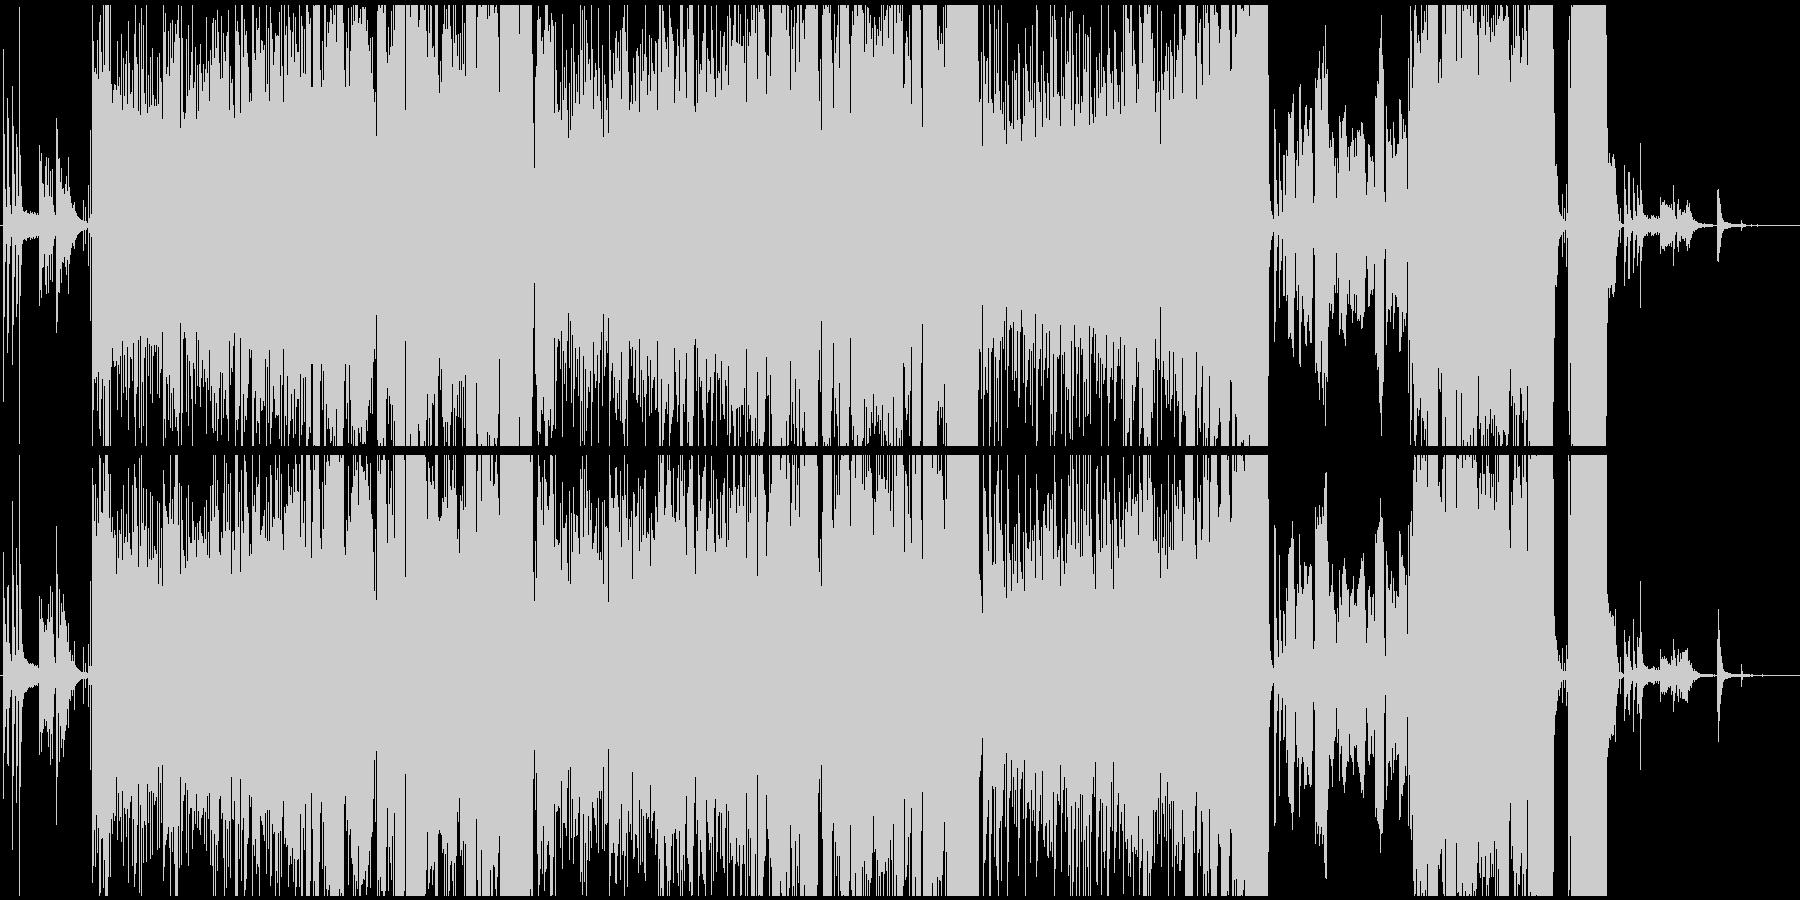 女性ボーカル/初恋をイメージしたバラードの未再生の波形